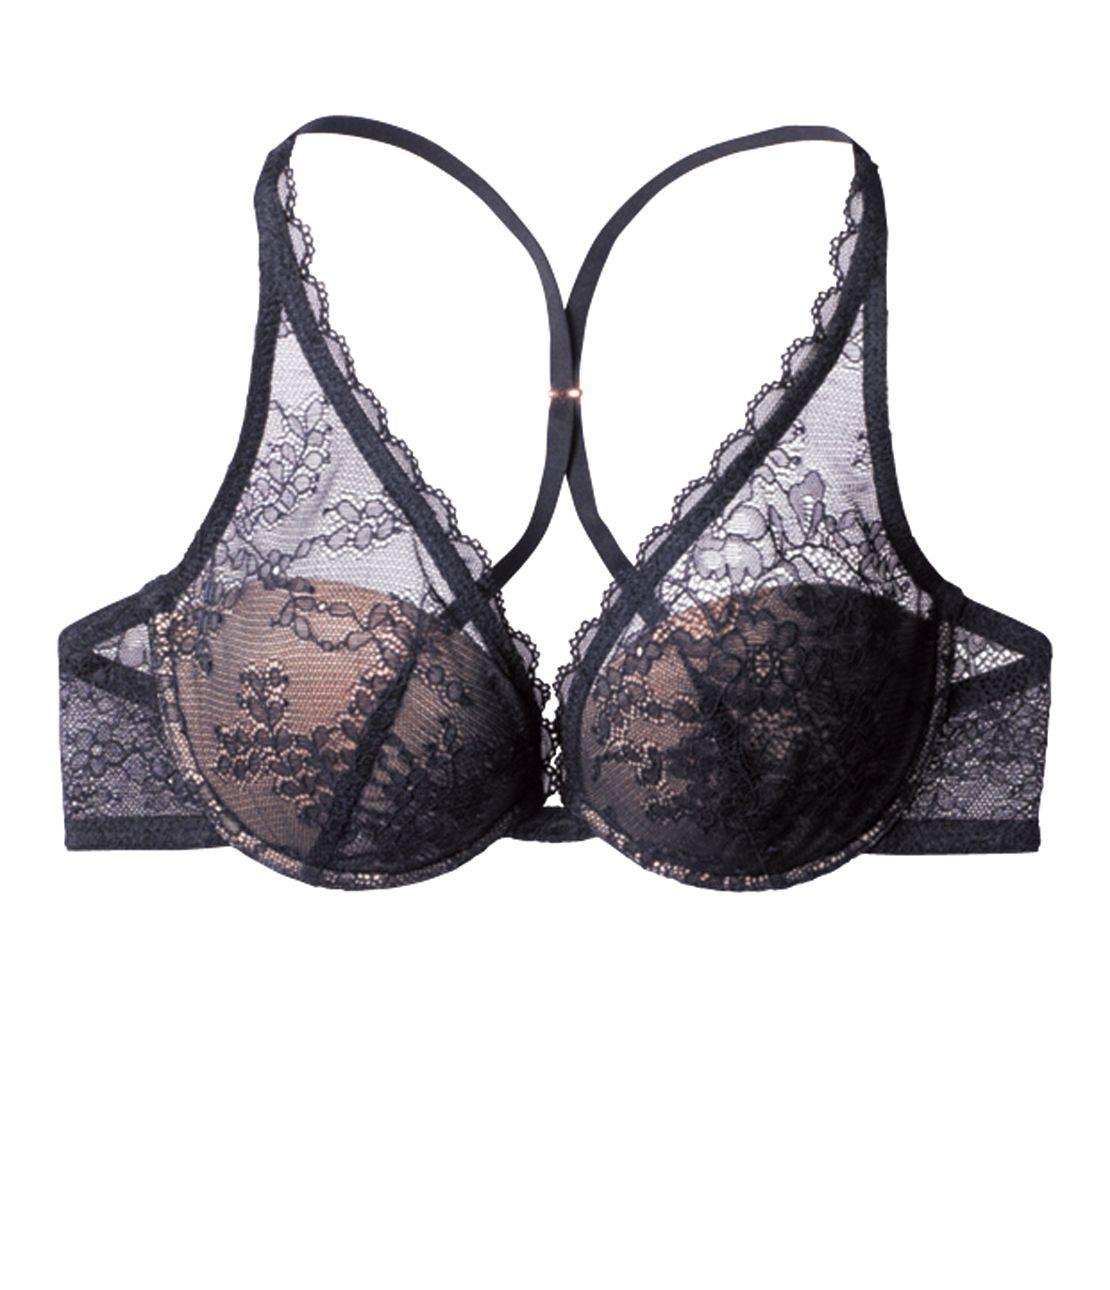 裸色系深V蕾丝奢华文胸